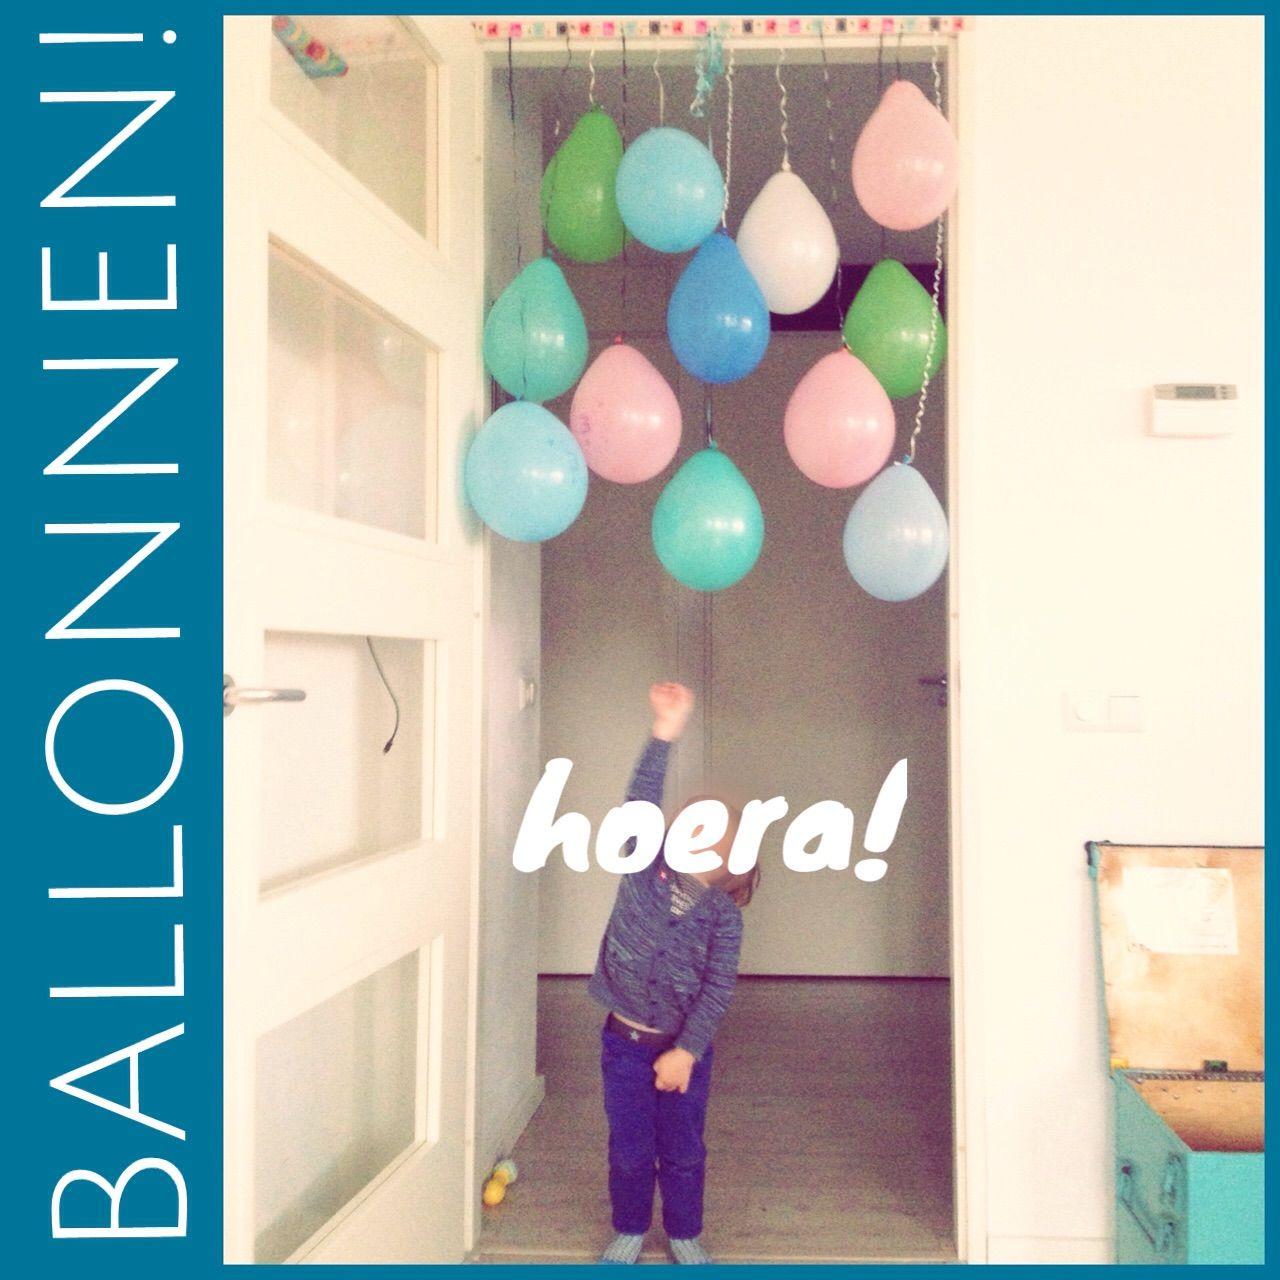 Verjaardagsballonnen! Birthday balloons! Als je als kind jarig bent wil je heel veel ballonnen en dan liefst ook een beetje spectaculair. #leukmetkids